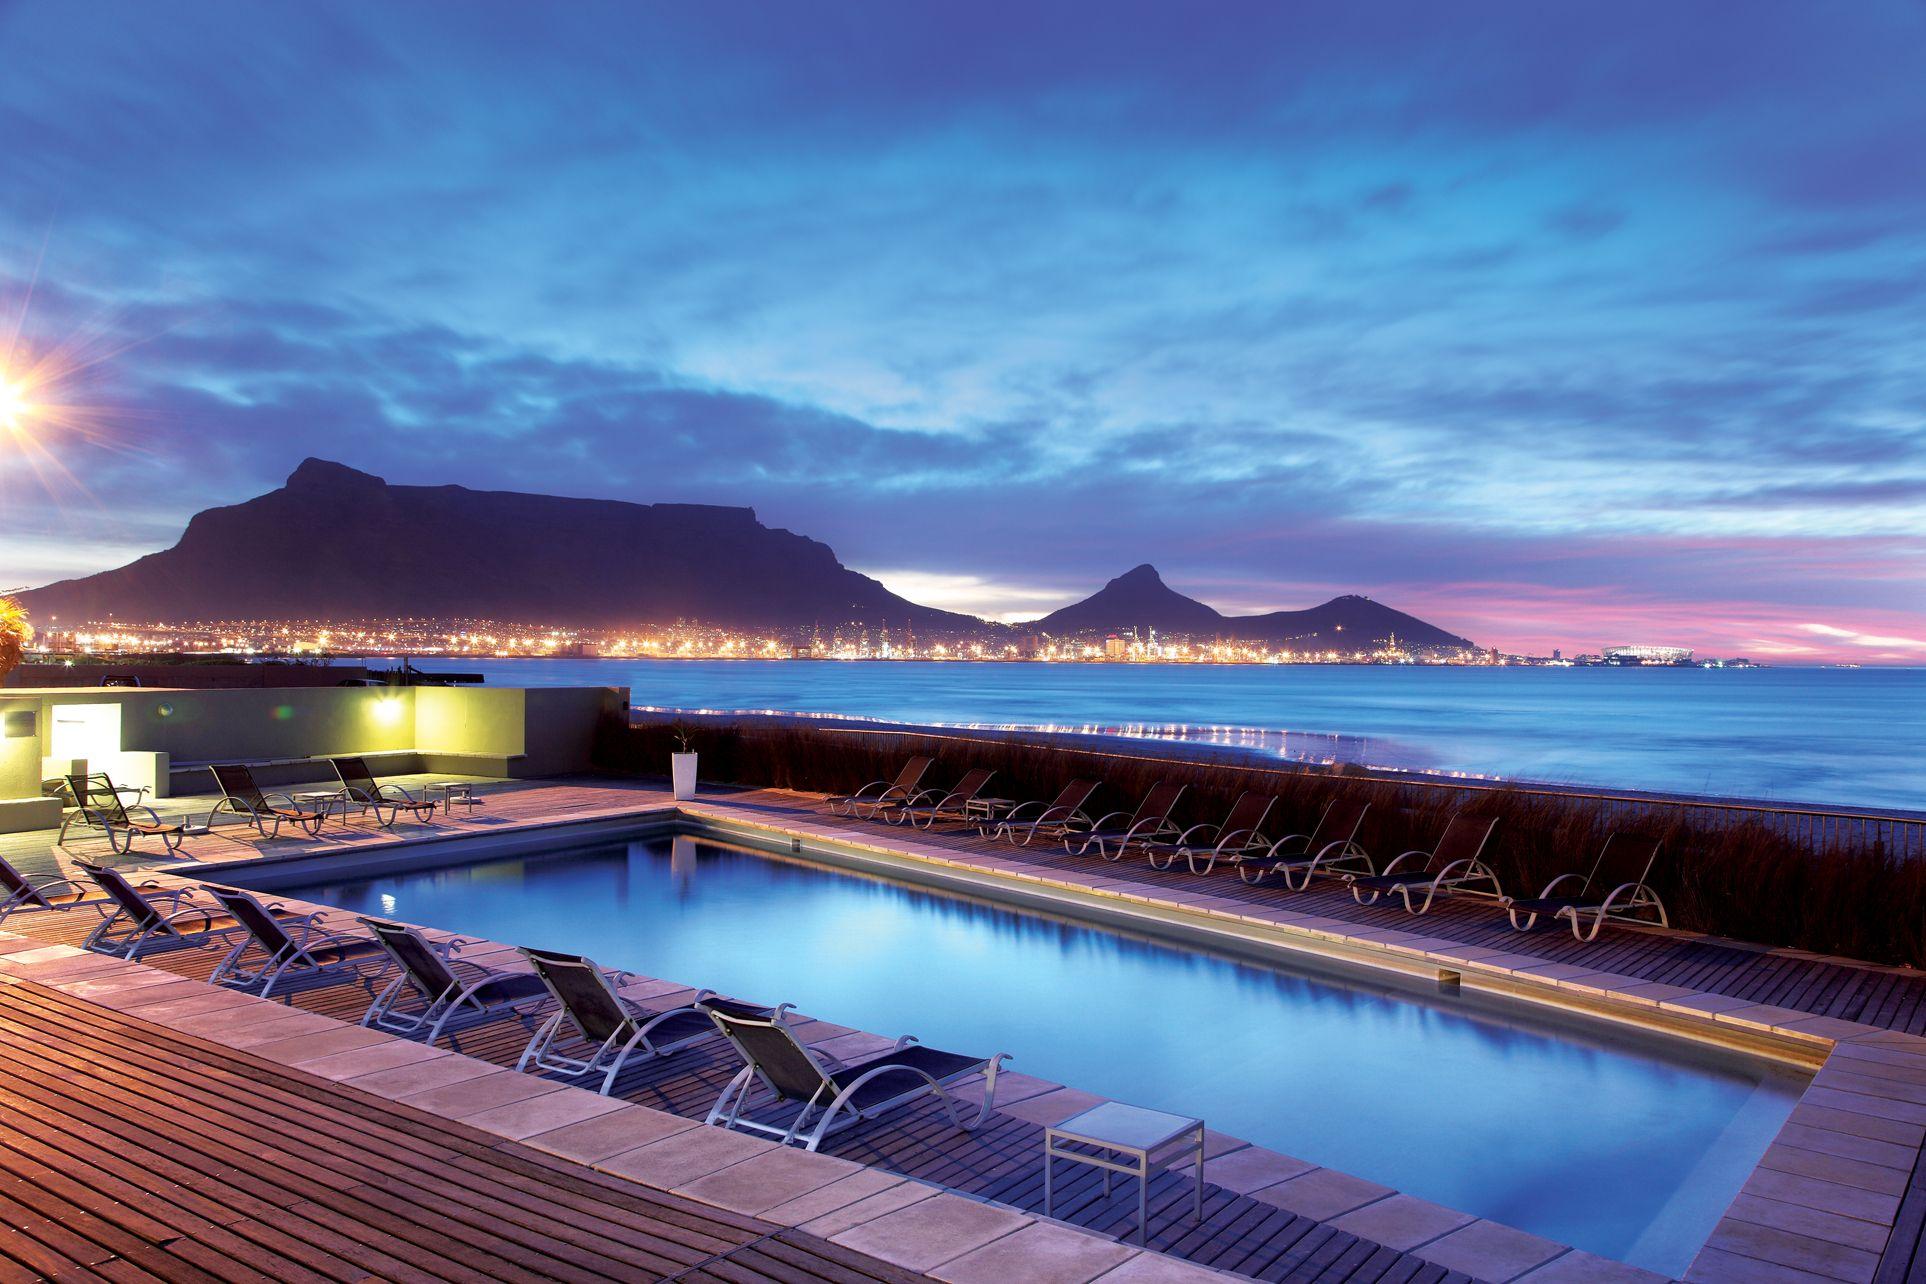 Must Go Again Lagoon Beach Hotel Cape Town South Africa